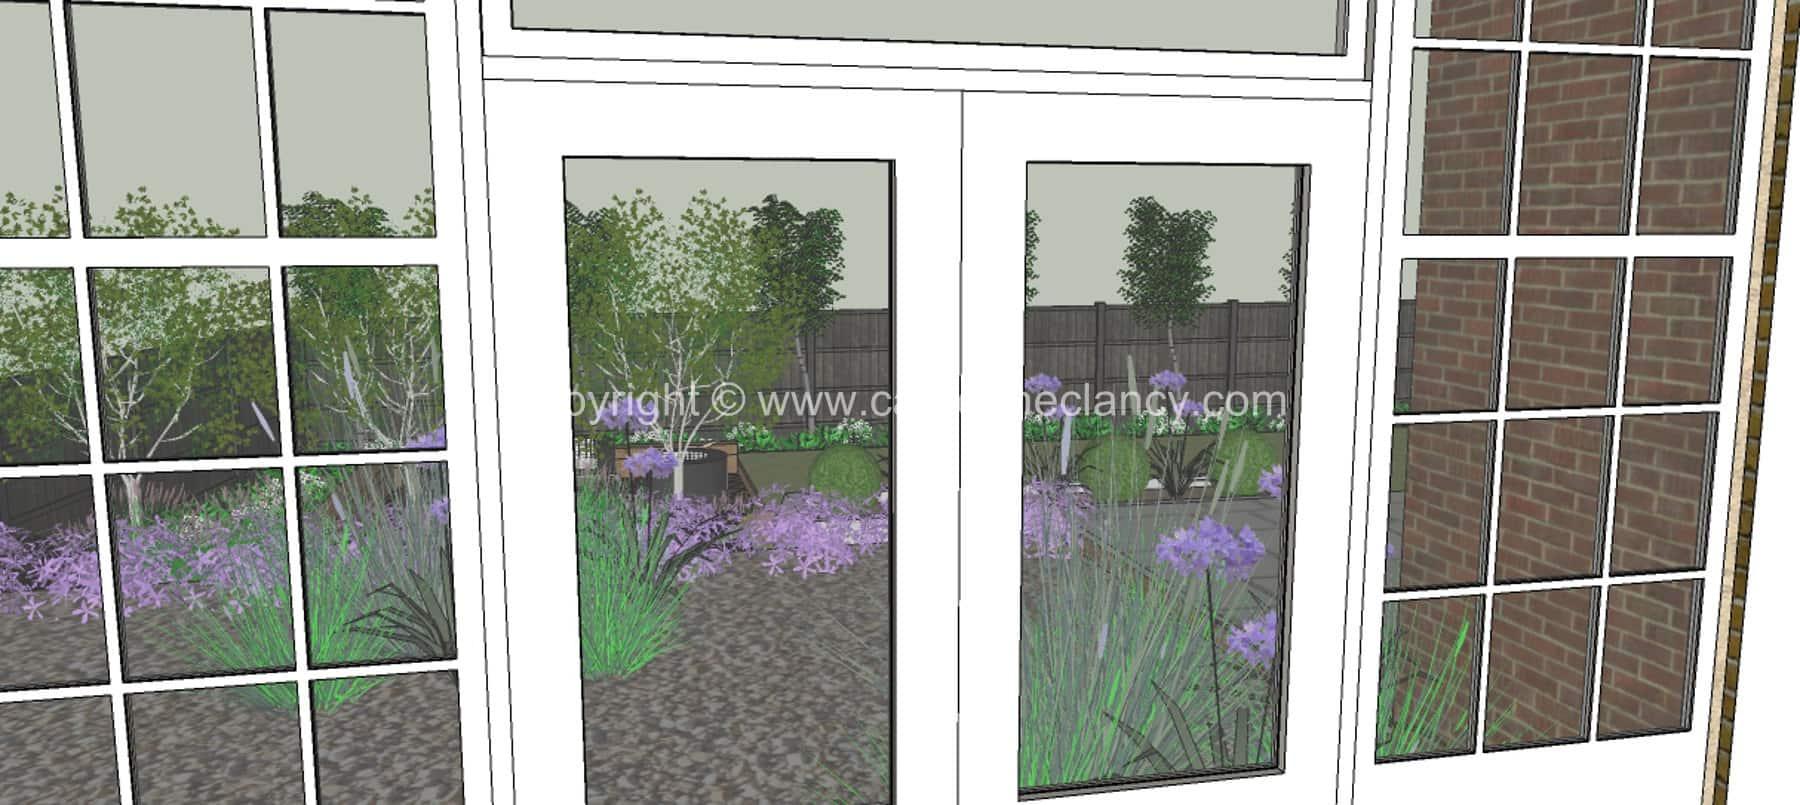 Hendon grand design garden 7 garden design london for Grand designs garden